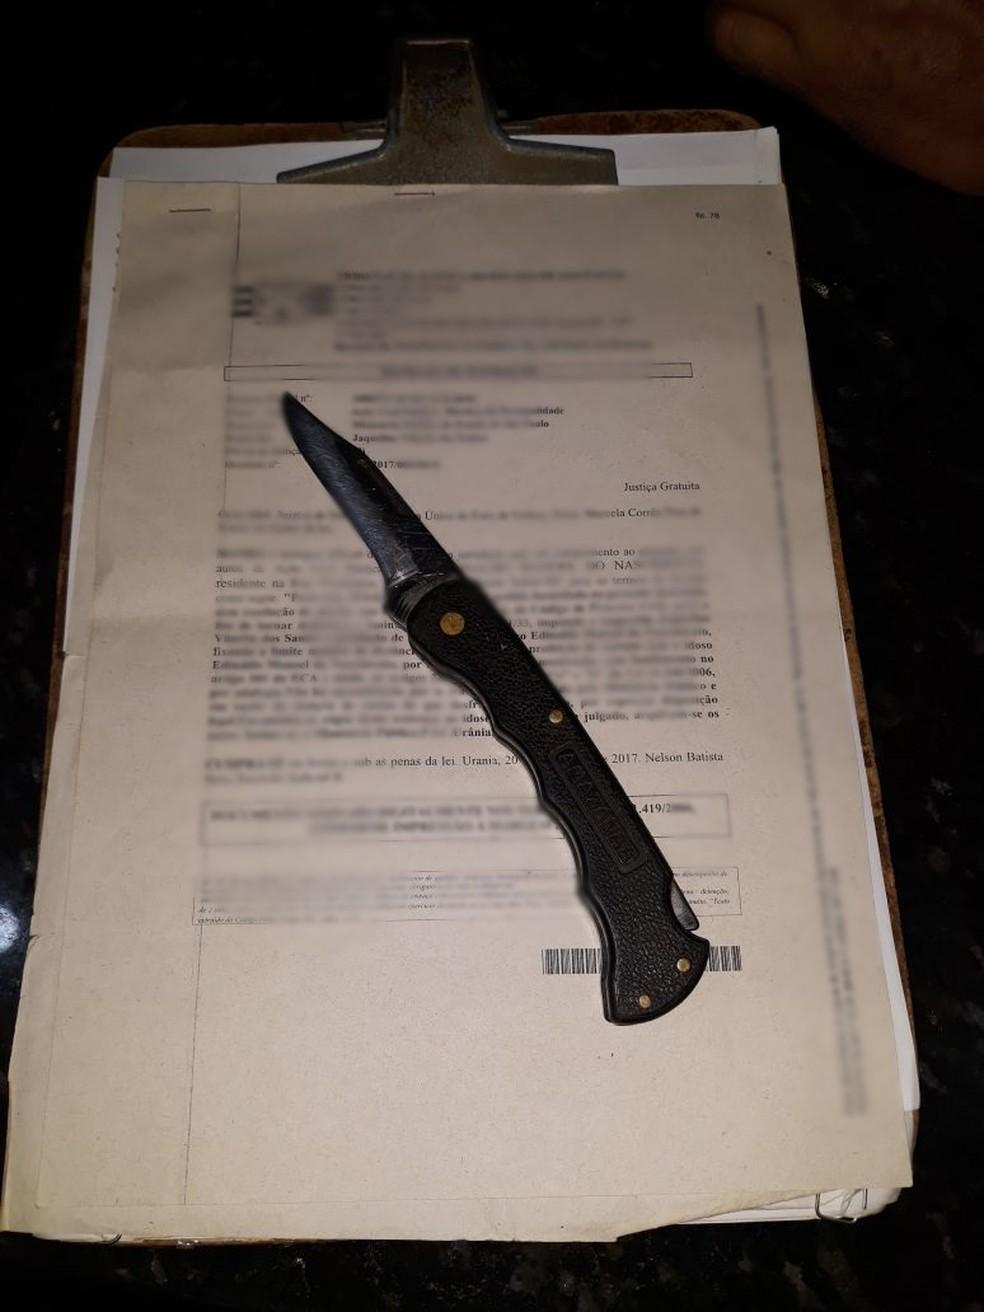 Canivete usado foi apreendido pela Polícia Militar de Santa Salete (SP) na manha deste sábado (17) (Foto: Polícia Militar/Divulgação)